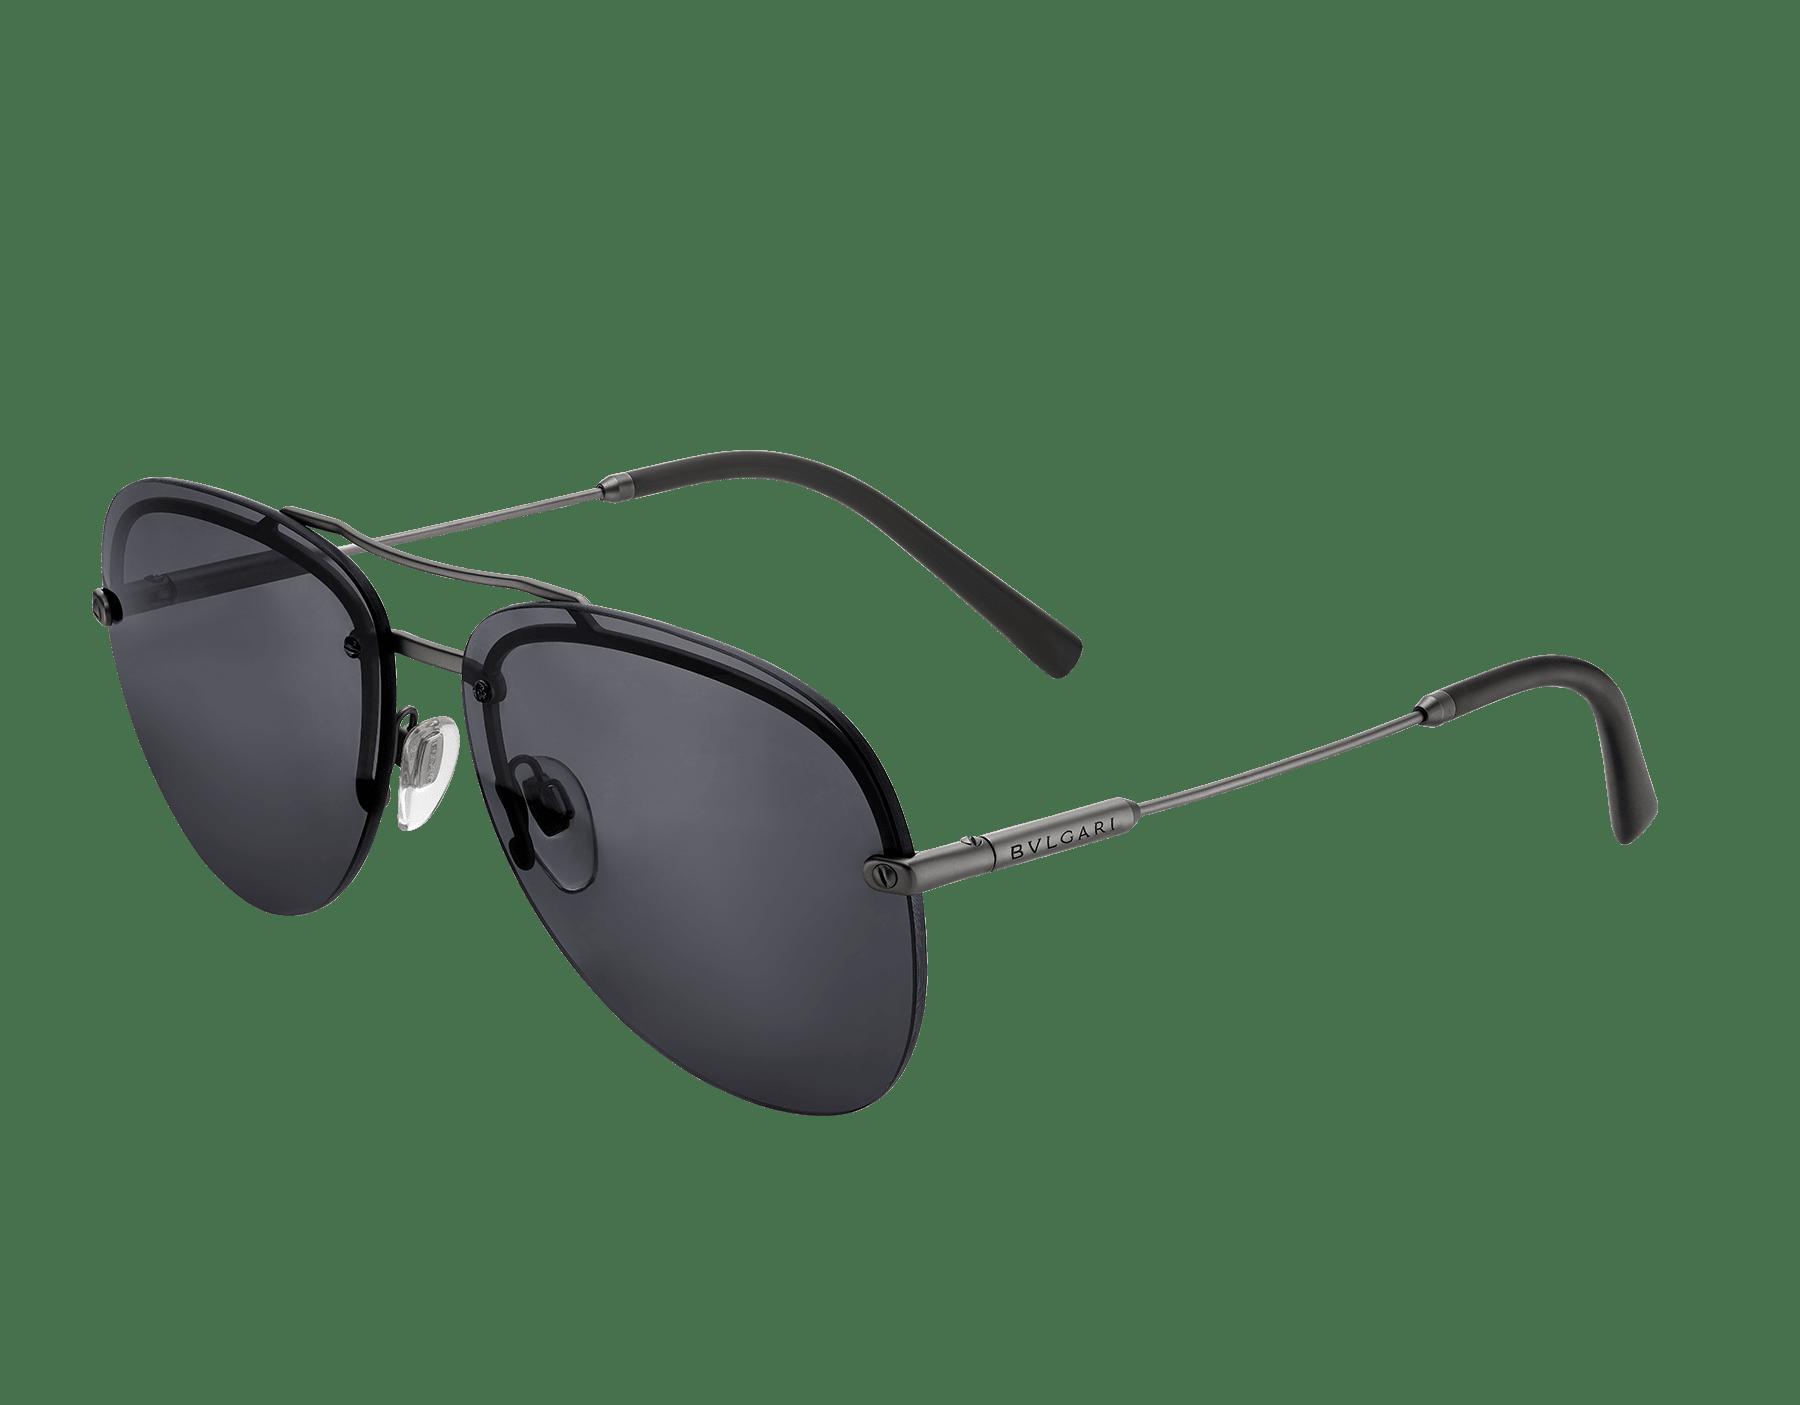 BVLGARI BVLGARI semi-rimless aviator sunglasses. 903412 image 2